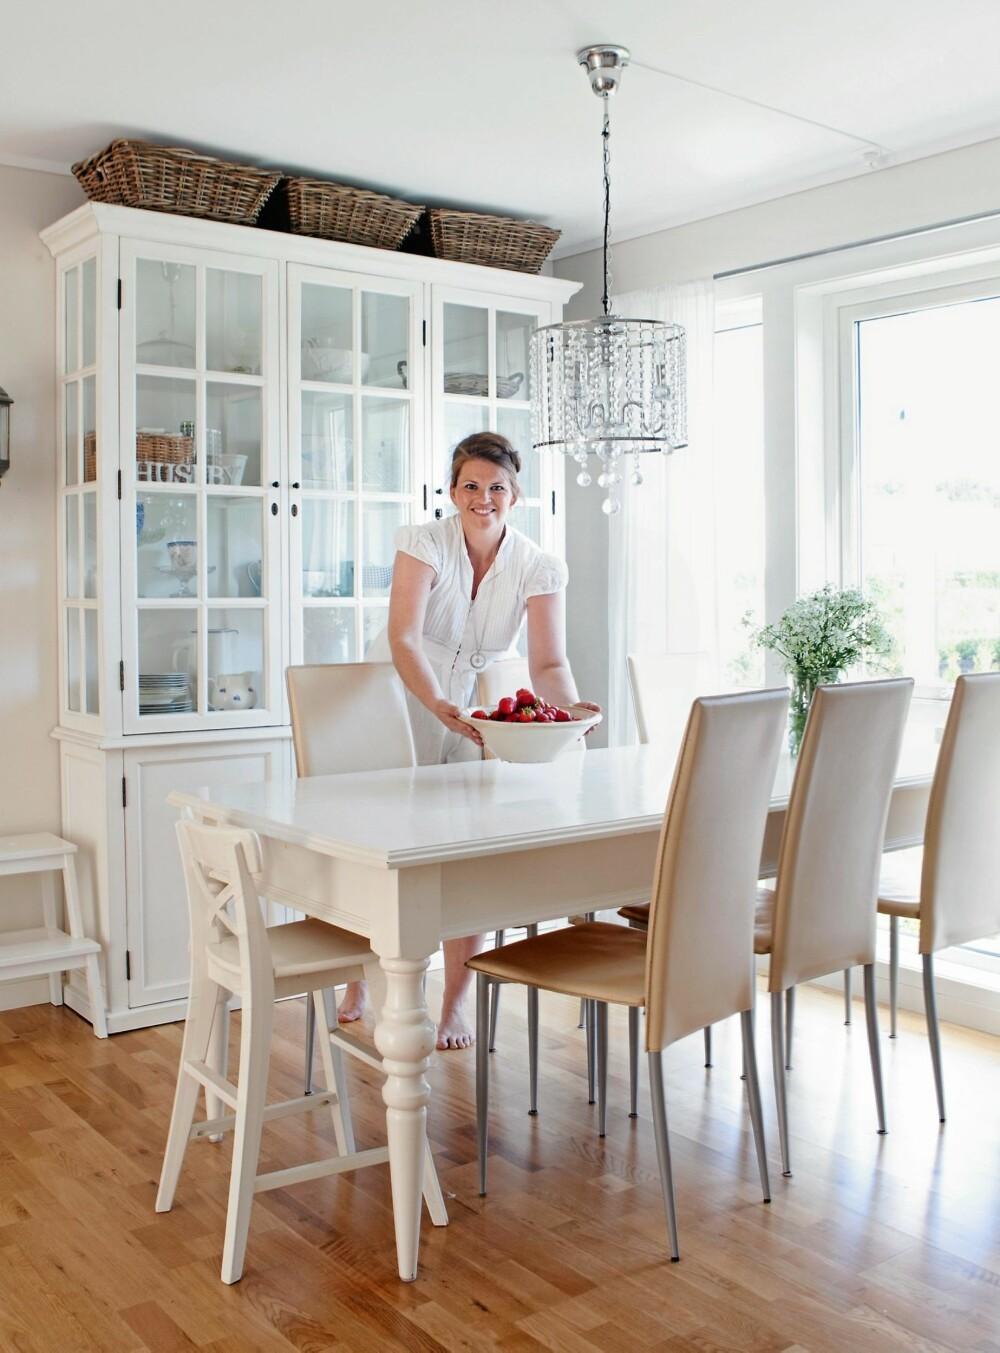 """VITRINELYKKE: Hanne Mette elsker vitrineskapet sitt, og endrer """"utstillingen"""" etter sesong. Spisebordet er kjøpt i en bruktbutikk, mens stolene er fra Bolia. Lysekronen er fra interiørbutikken Lille Hvite i Risør."""